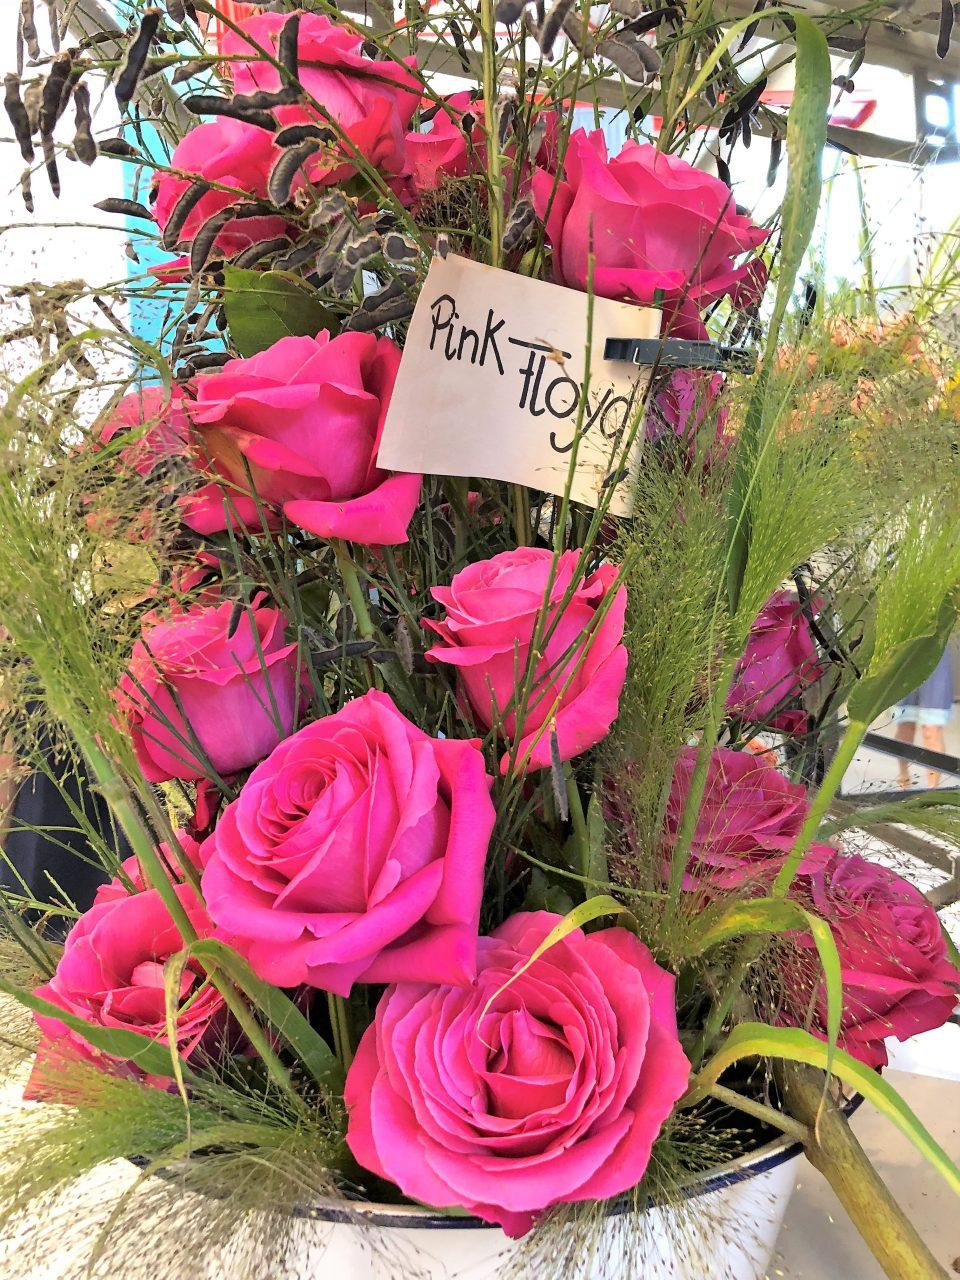 Rosengesteckt Pink Floyd